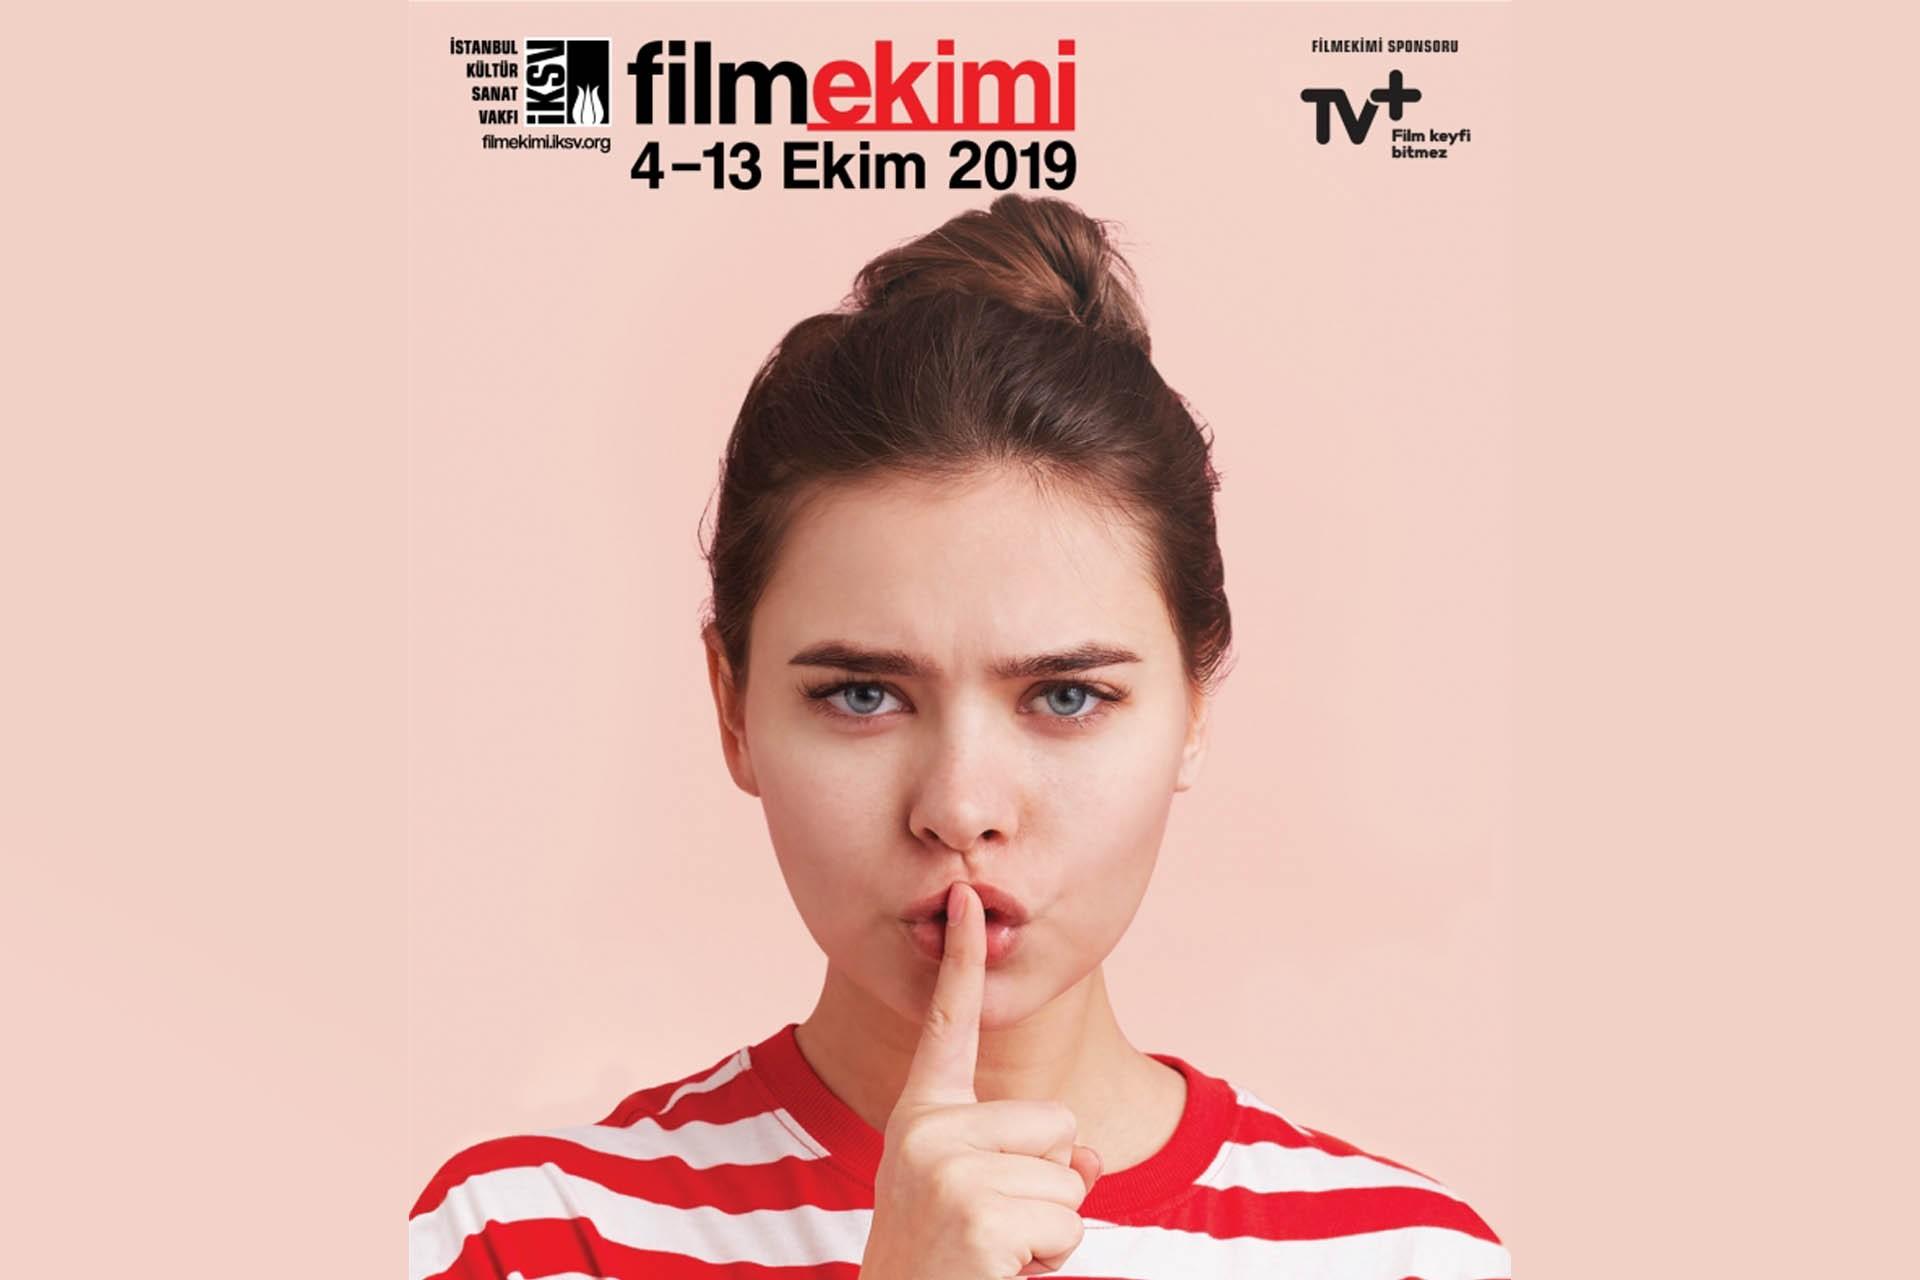 18.Filmekimi, 4 Ekim'de başlayacak